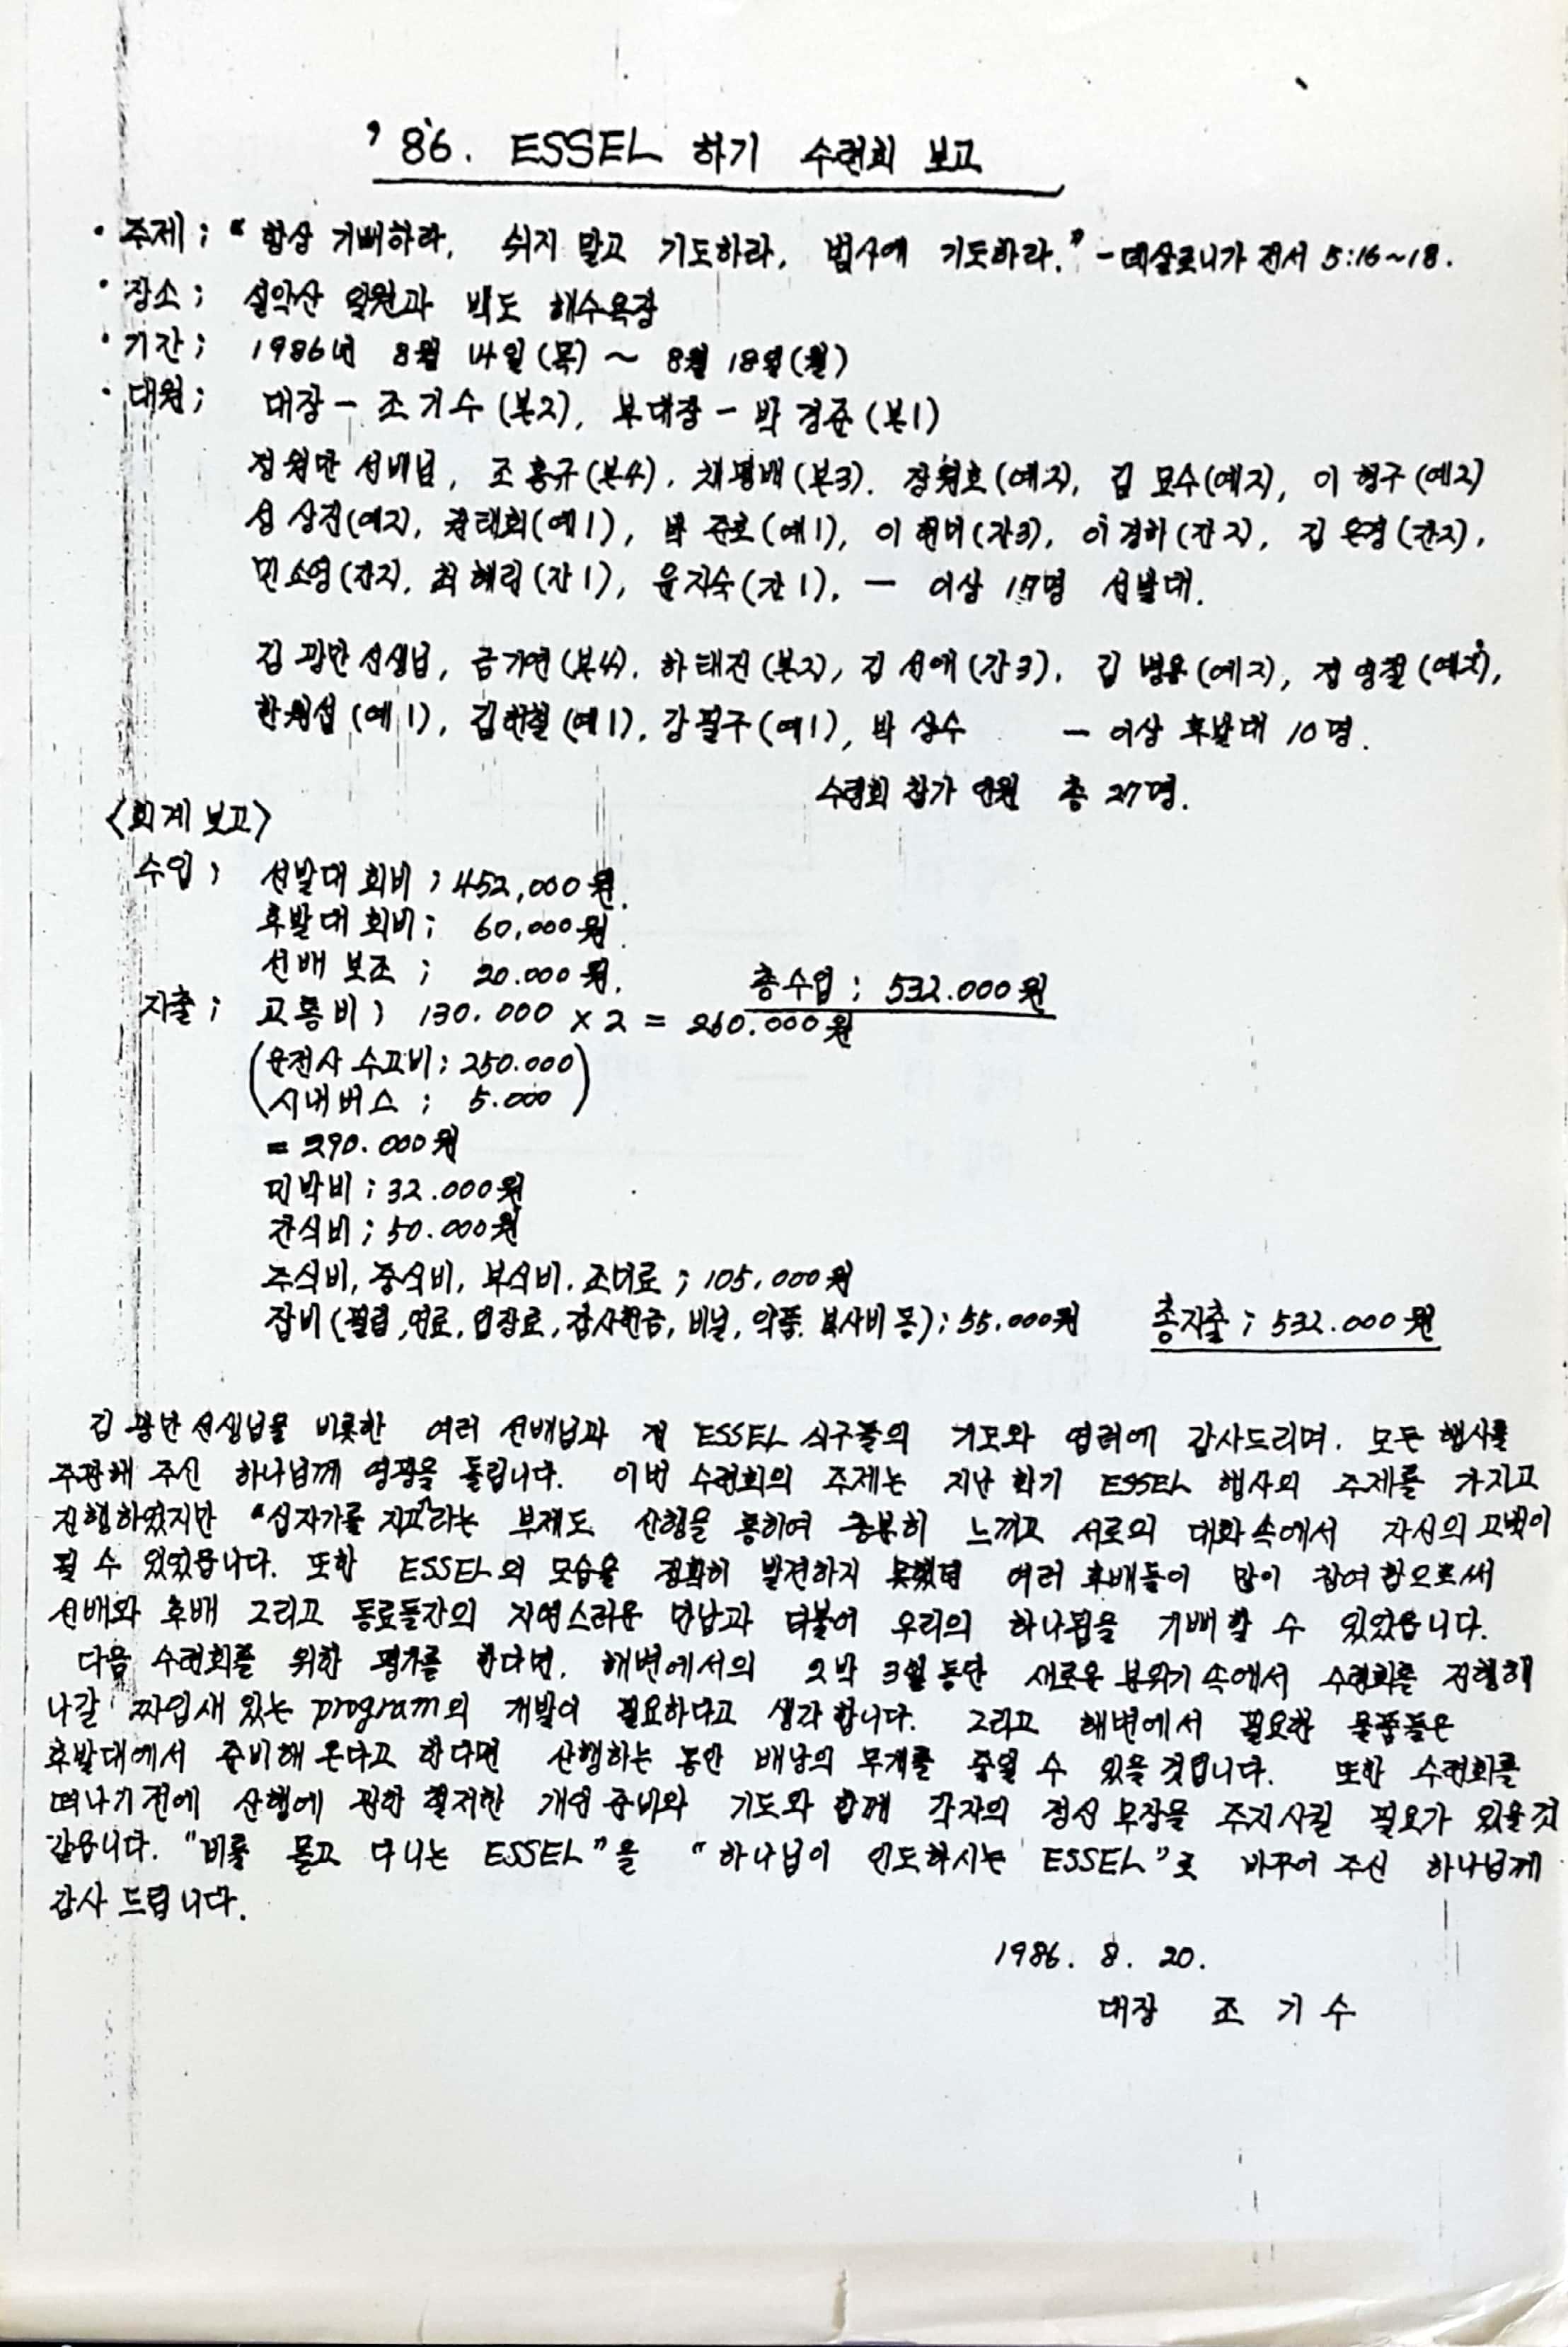 김경남교수님 에셀정기총회자료 1986년8월_02.jpg